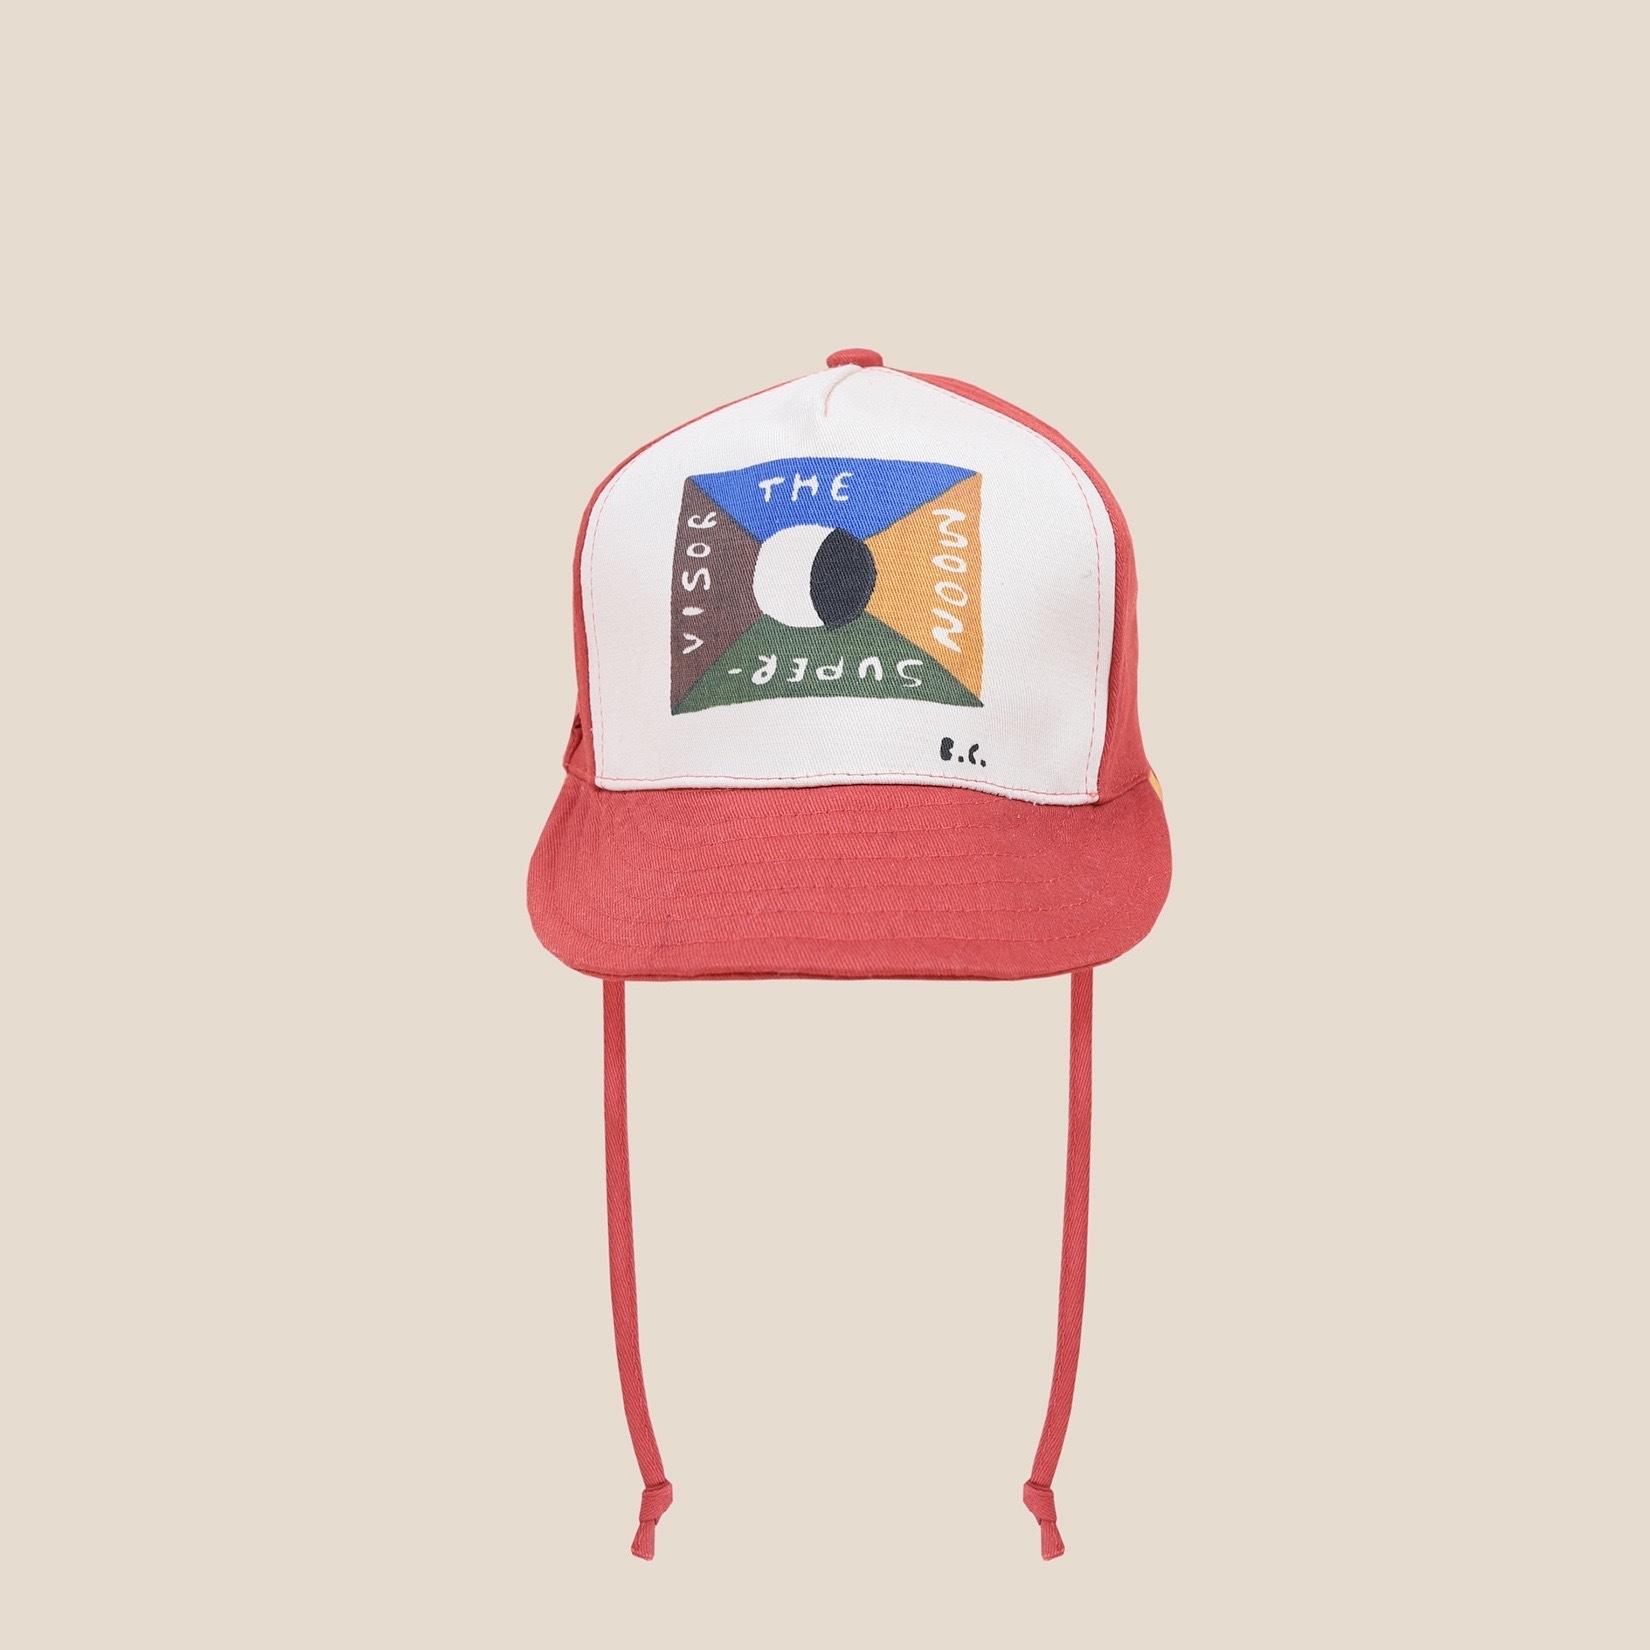 《BOBO CHOSES 2020AW》Flag Patch Cap / kids